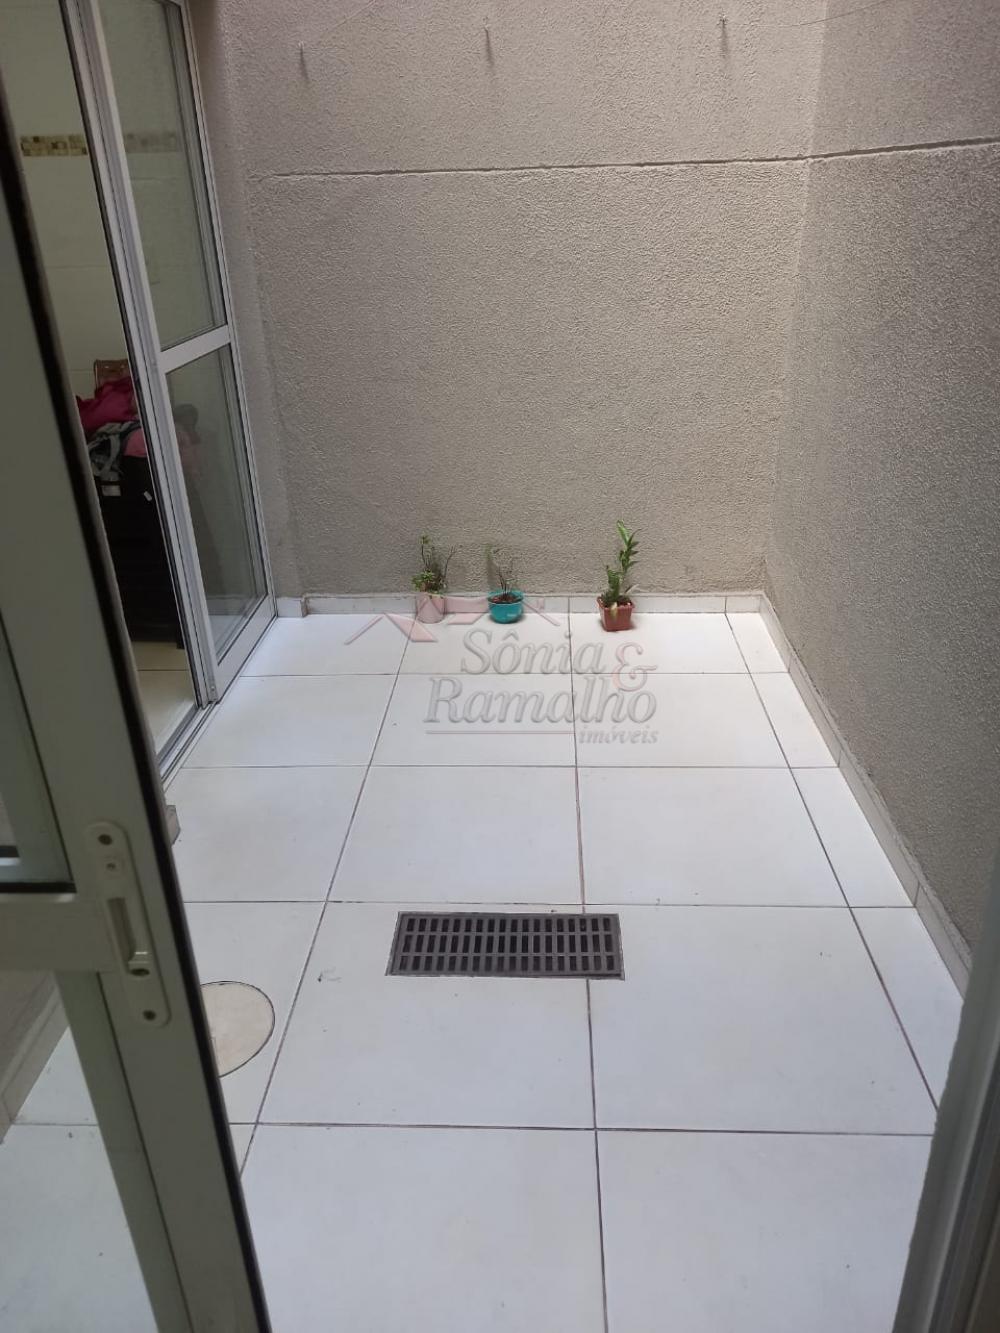 Comprar Apartamentos / Padrão em Ribeirão Preto R$ 225.000,00 - Foto 4